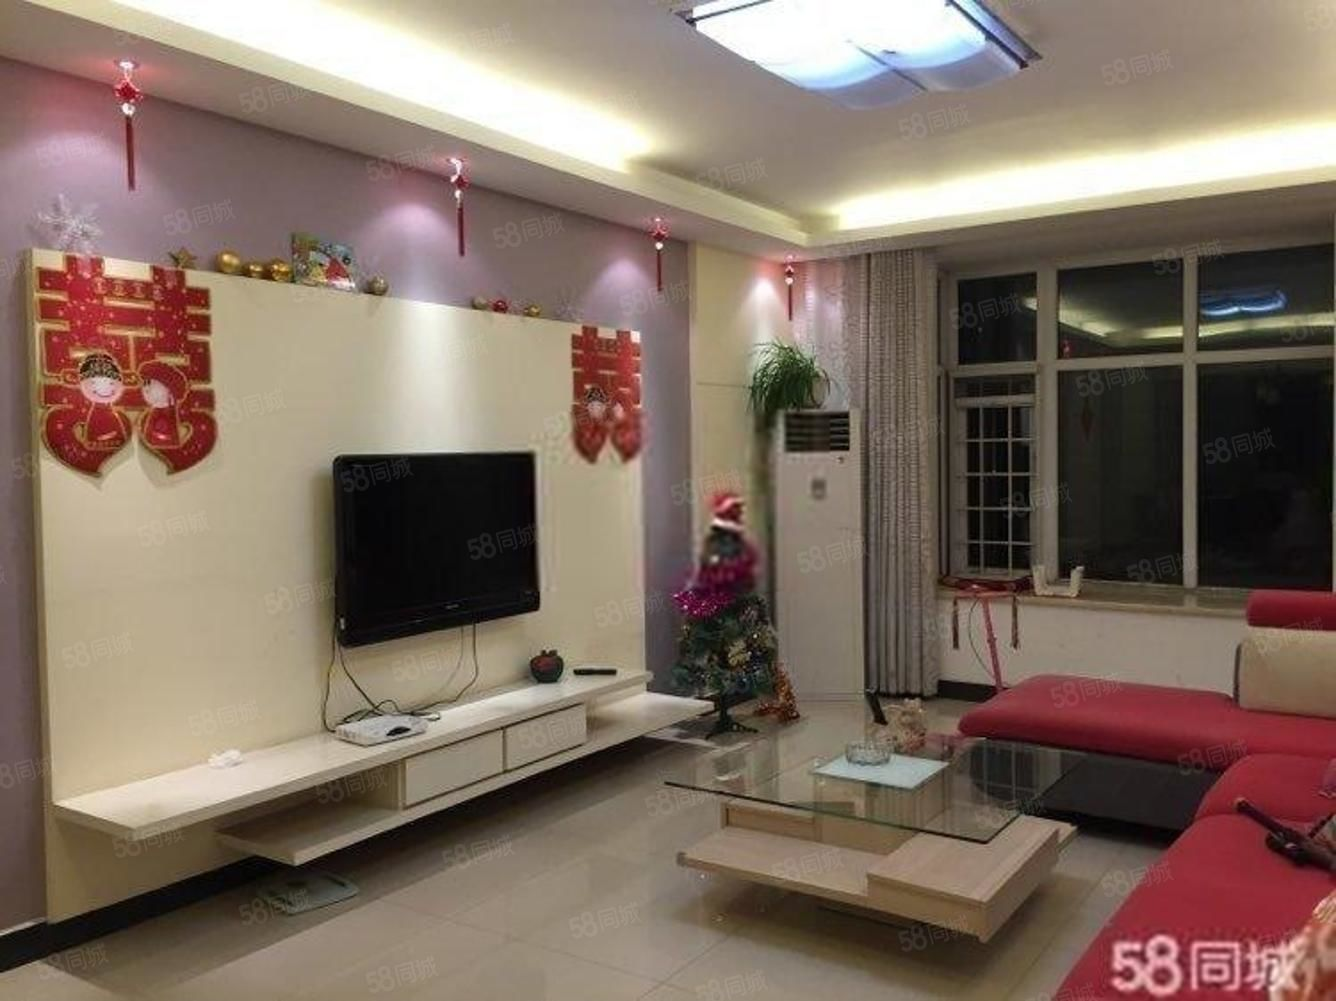 西班牙玫瑰~全明格局~交通便利~低楼层~新装3居室~南北通透